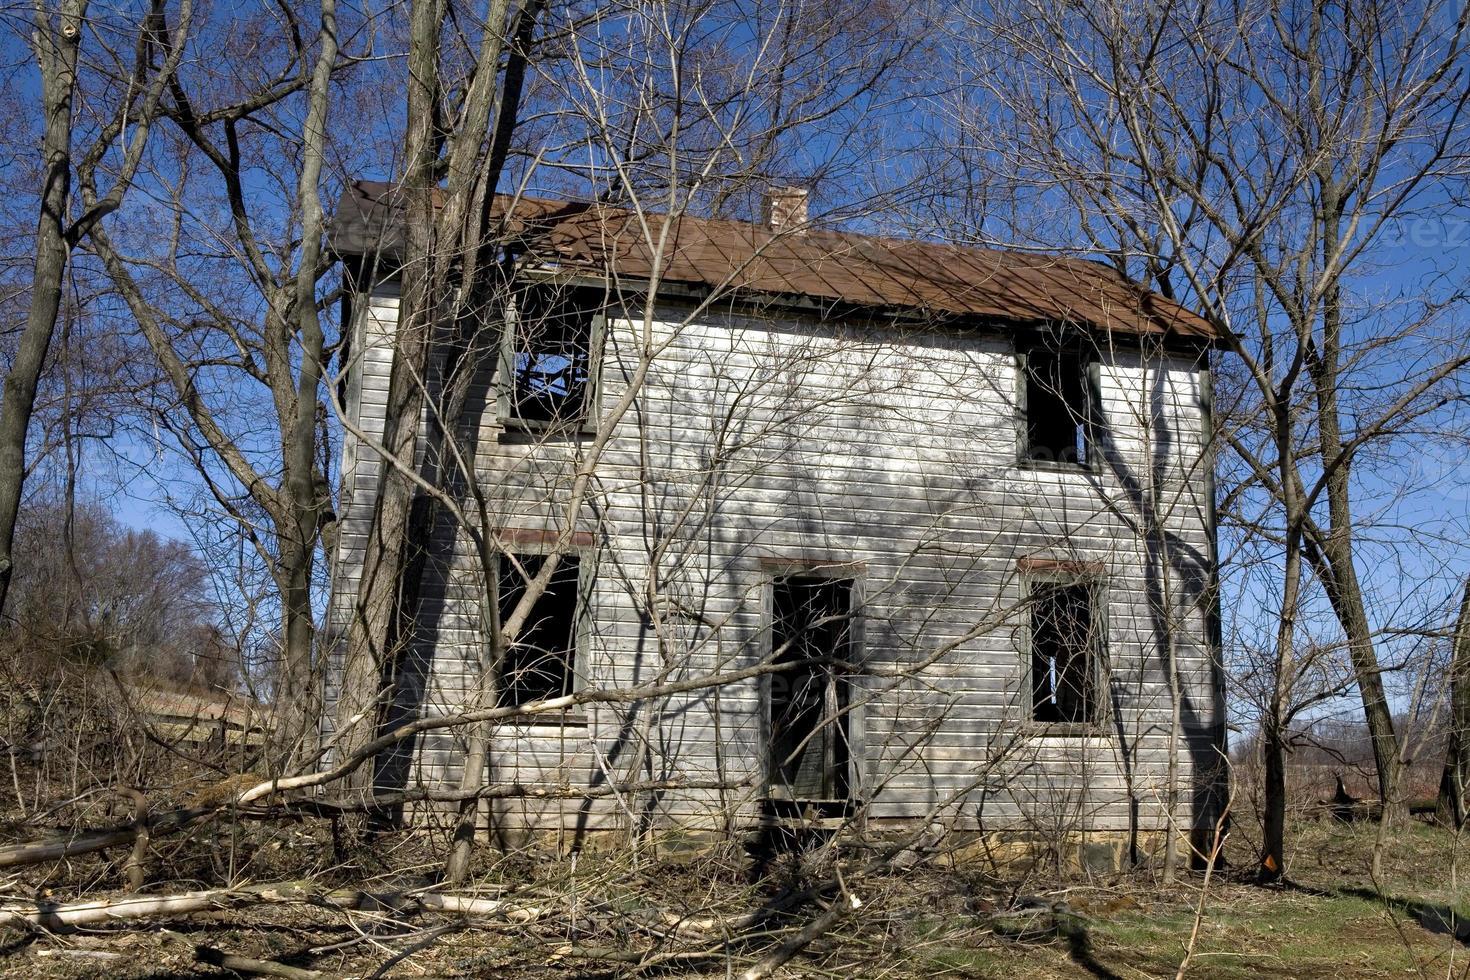 casa abbandonata america rurale foto